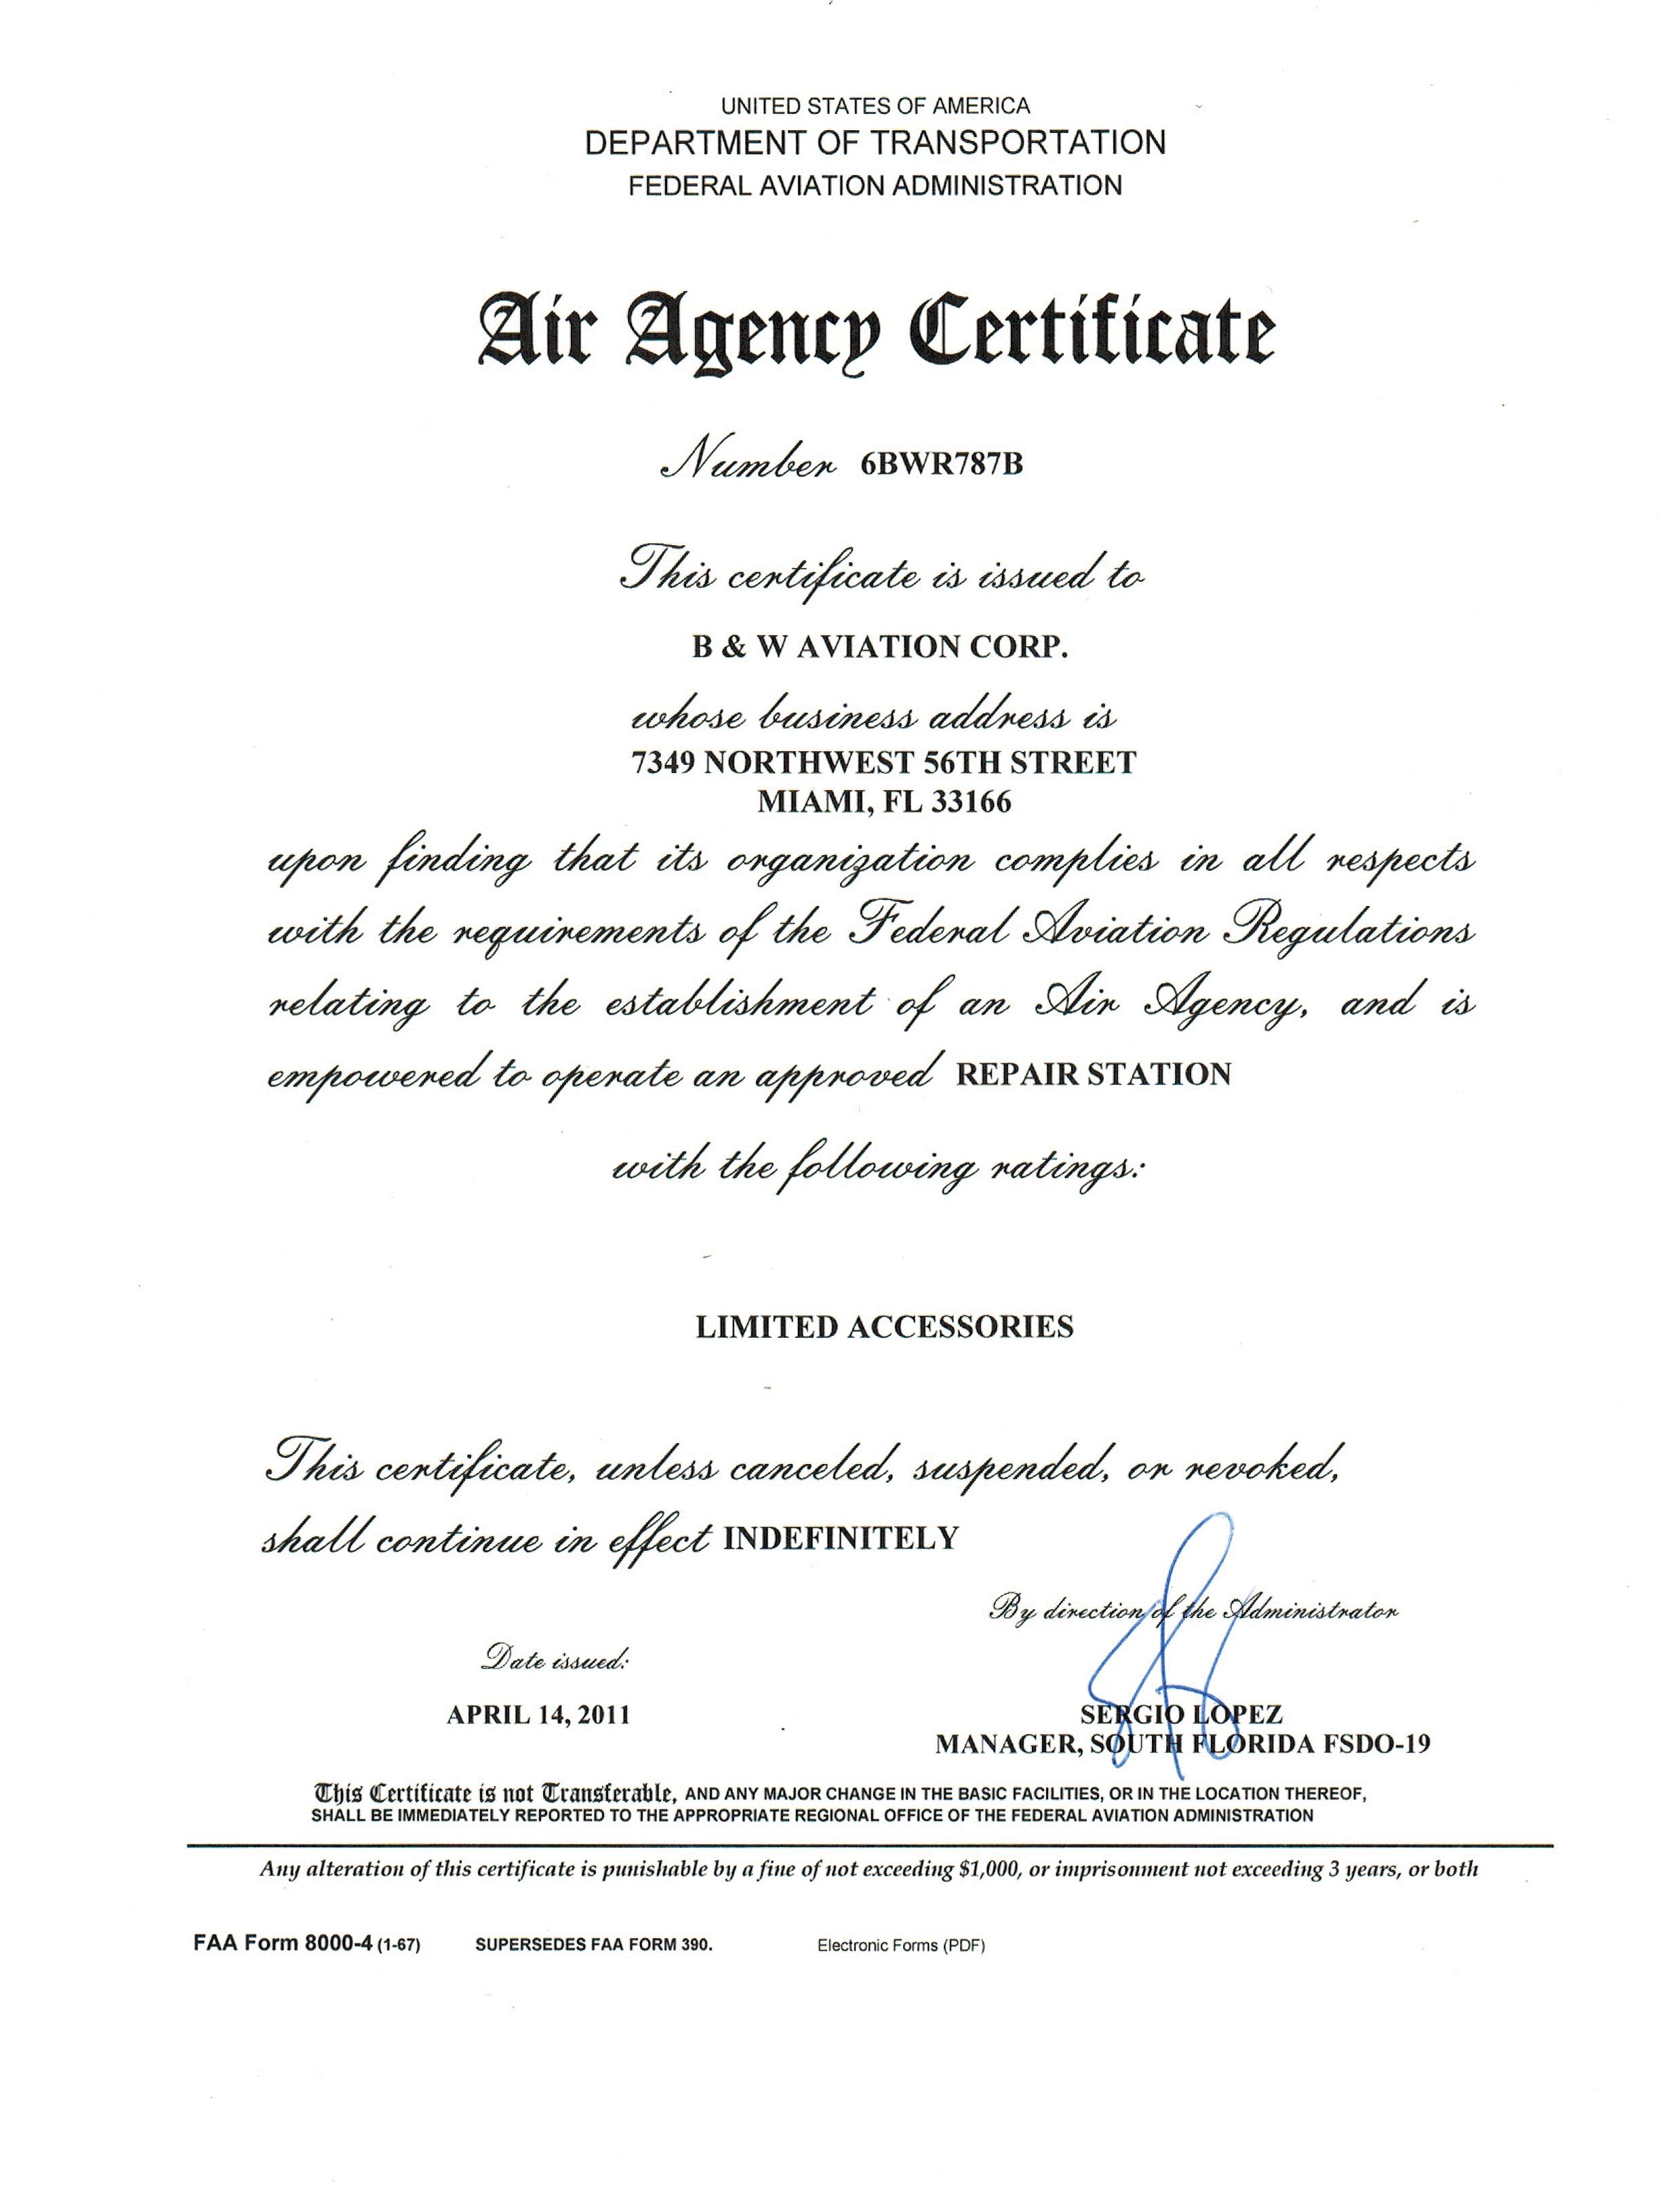 Sample Cover Letter For Clerk Typist Position